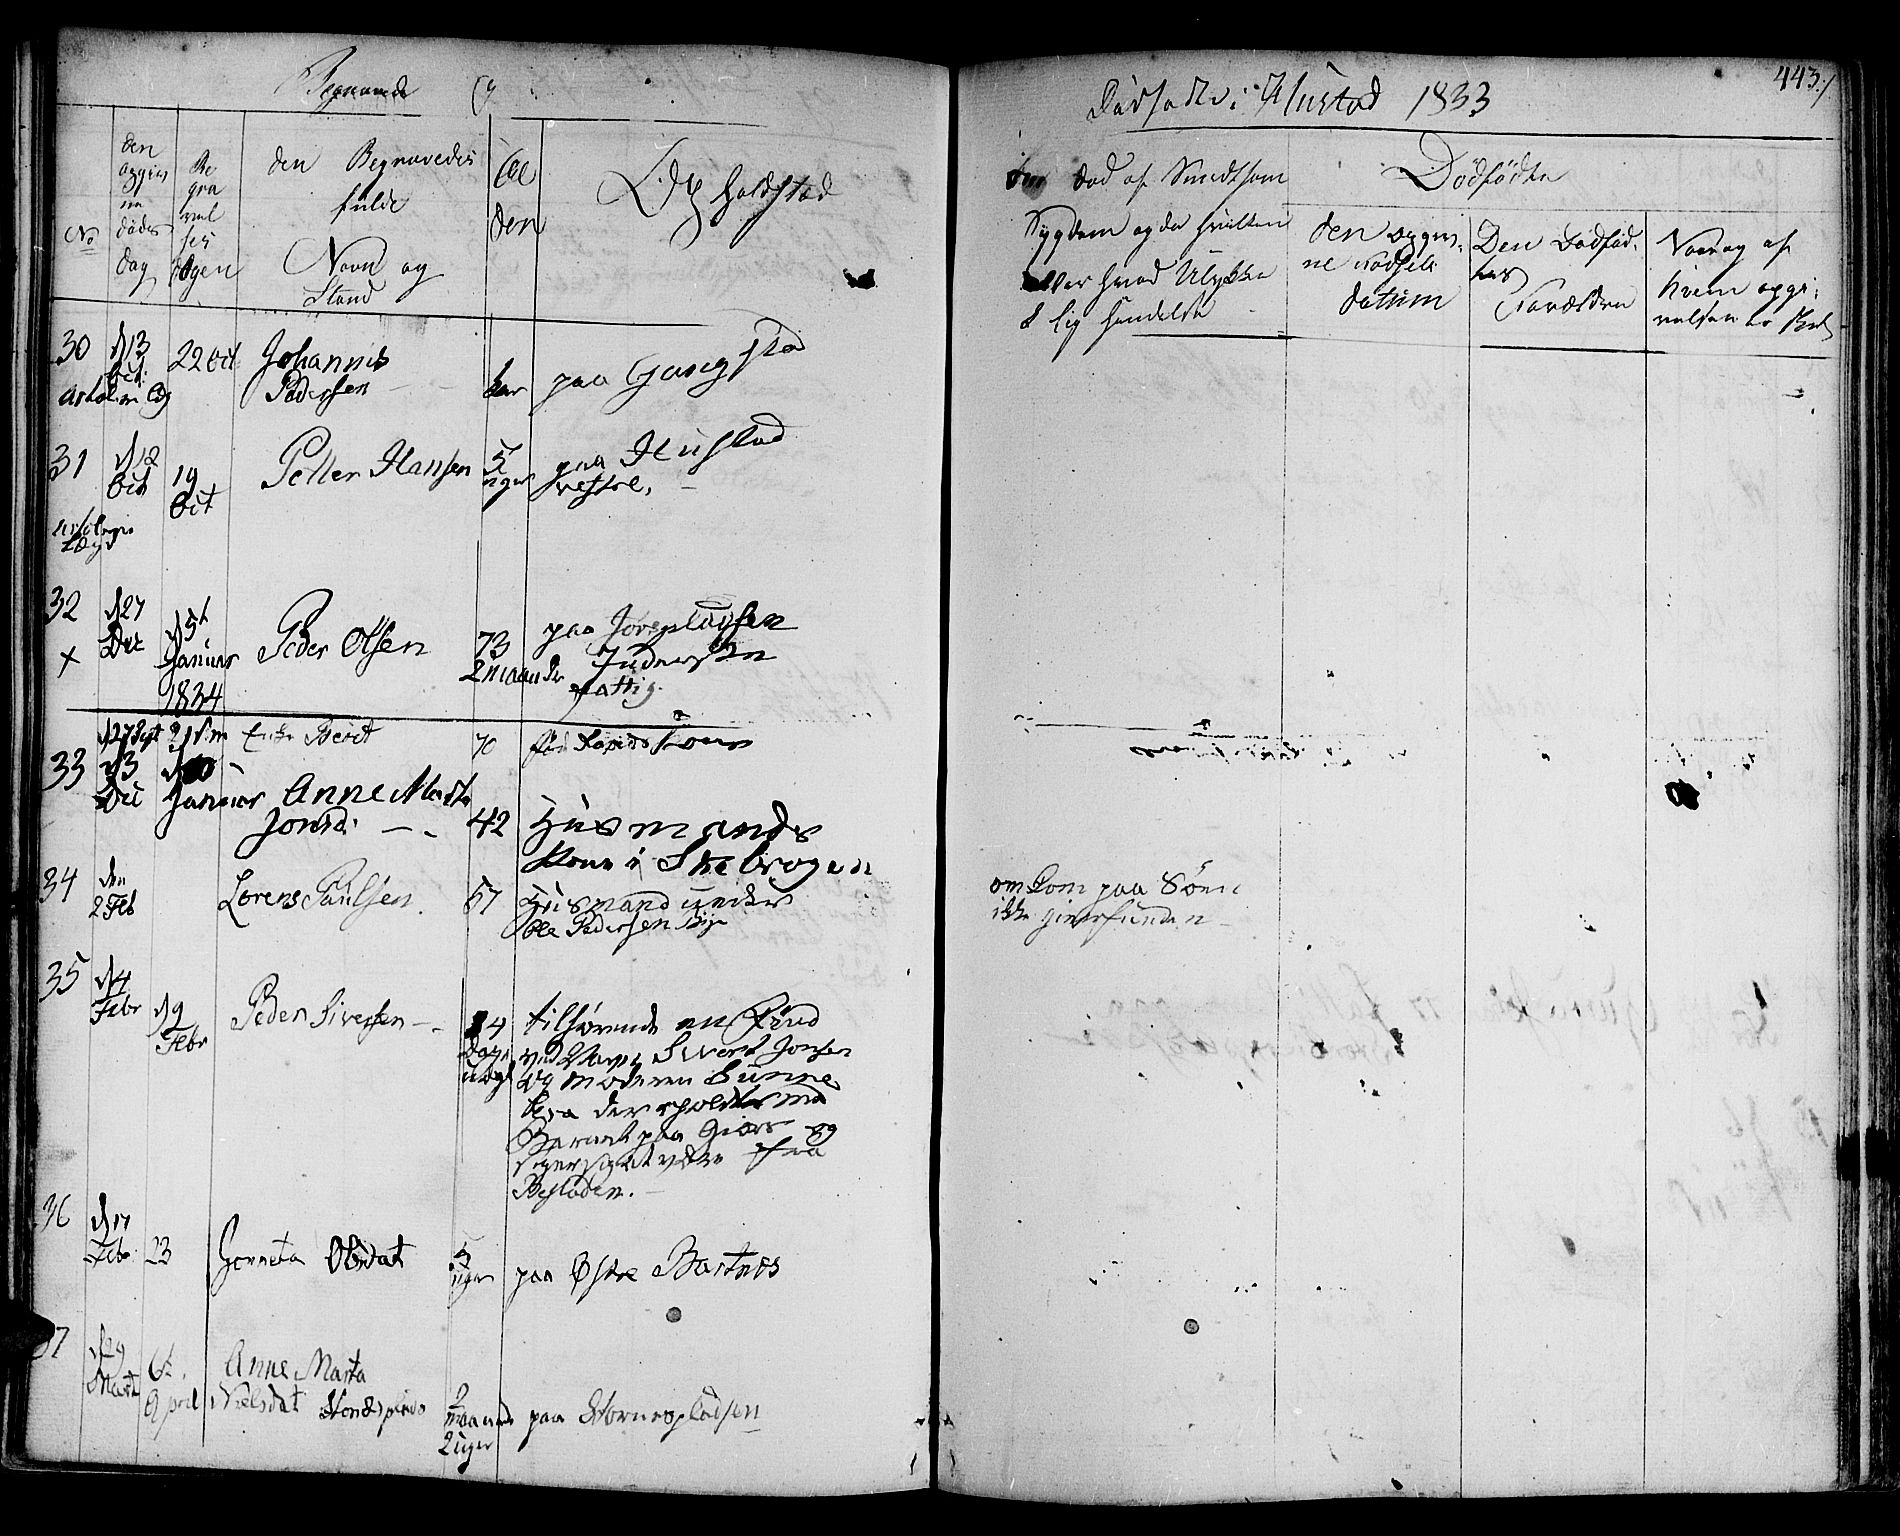 SAT, Ministerialprotokoller, klokkerbøker og fødselsregistre - Nord-Trøndelag, 730/L0277: Ministerialbok nr. 730A06 /3, 1830-1839, s. 443